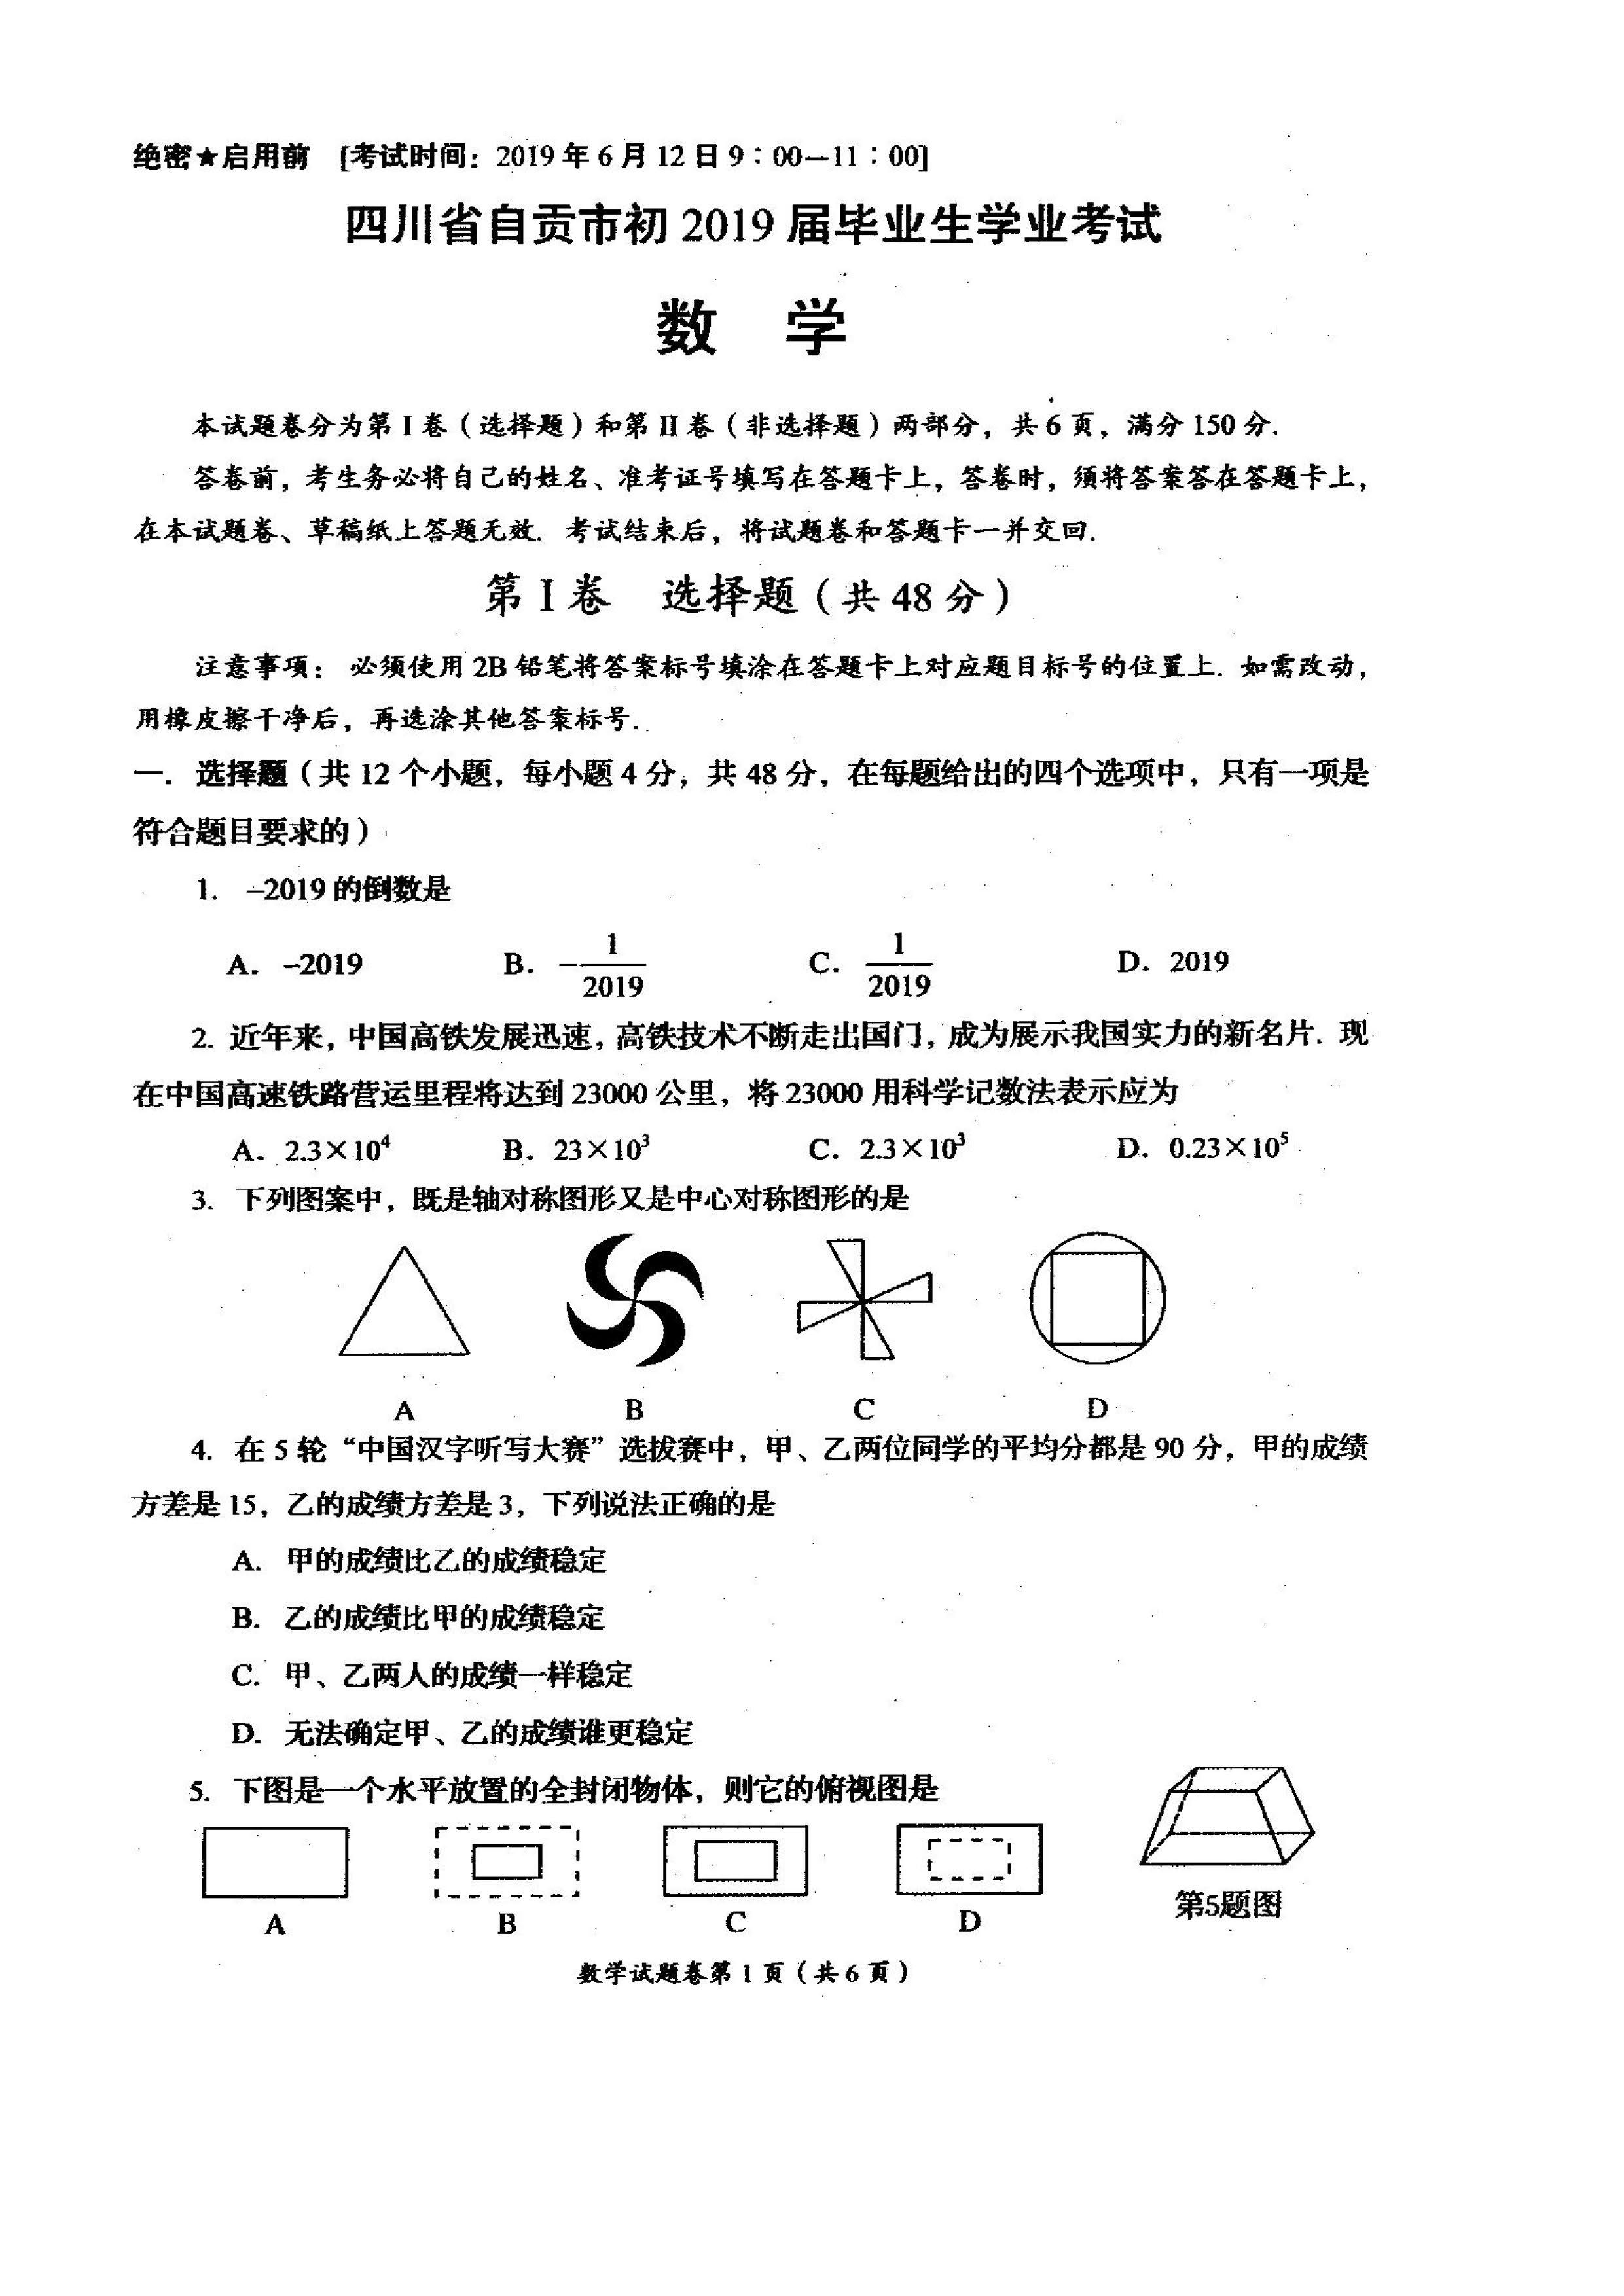 2019年四川自贡中考数学真题已公布